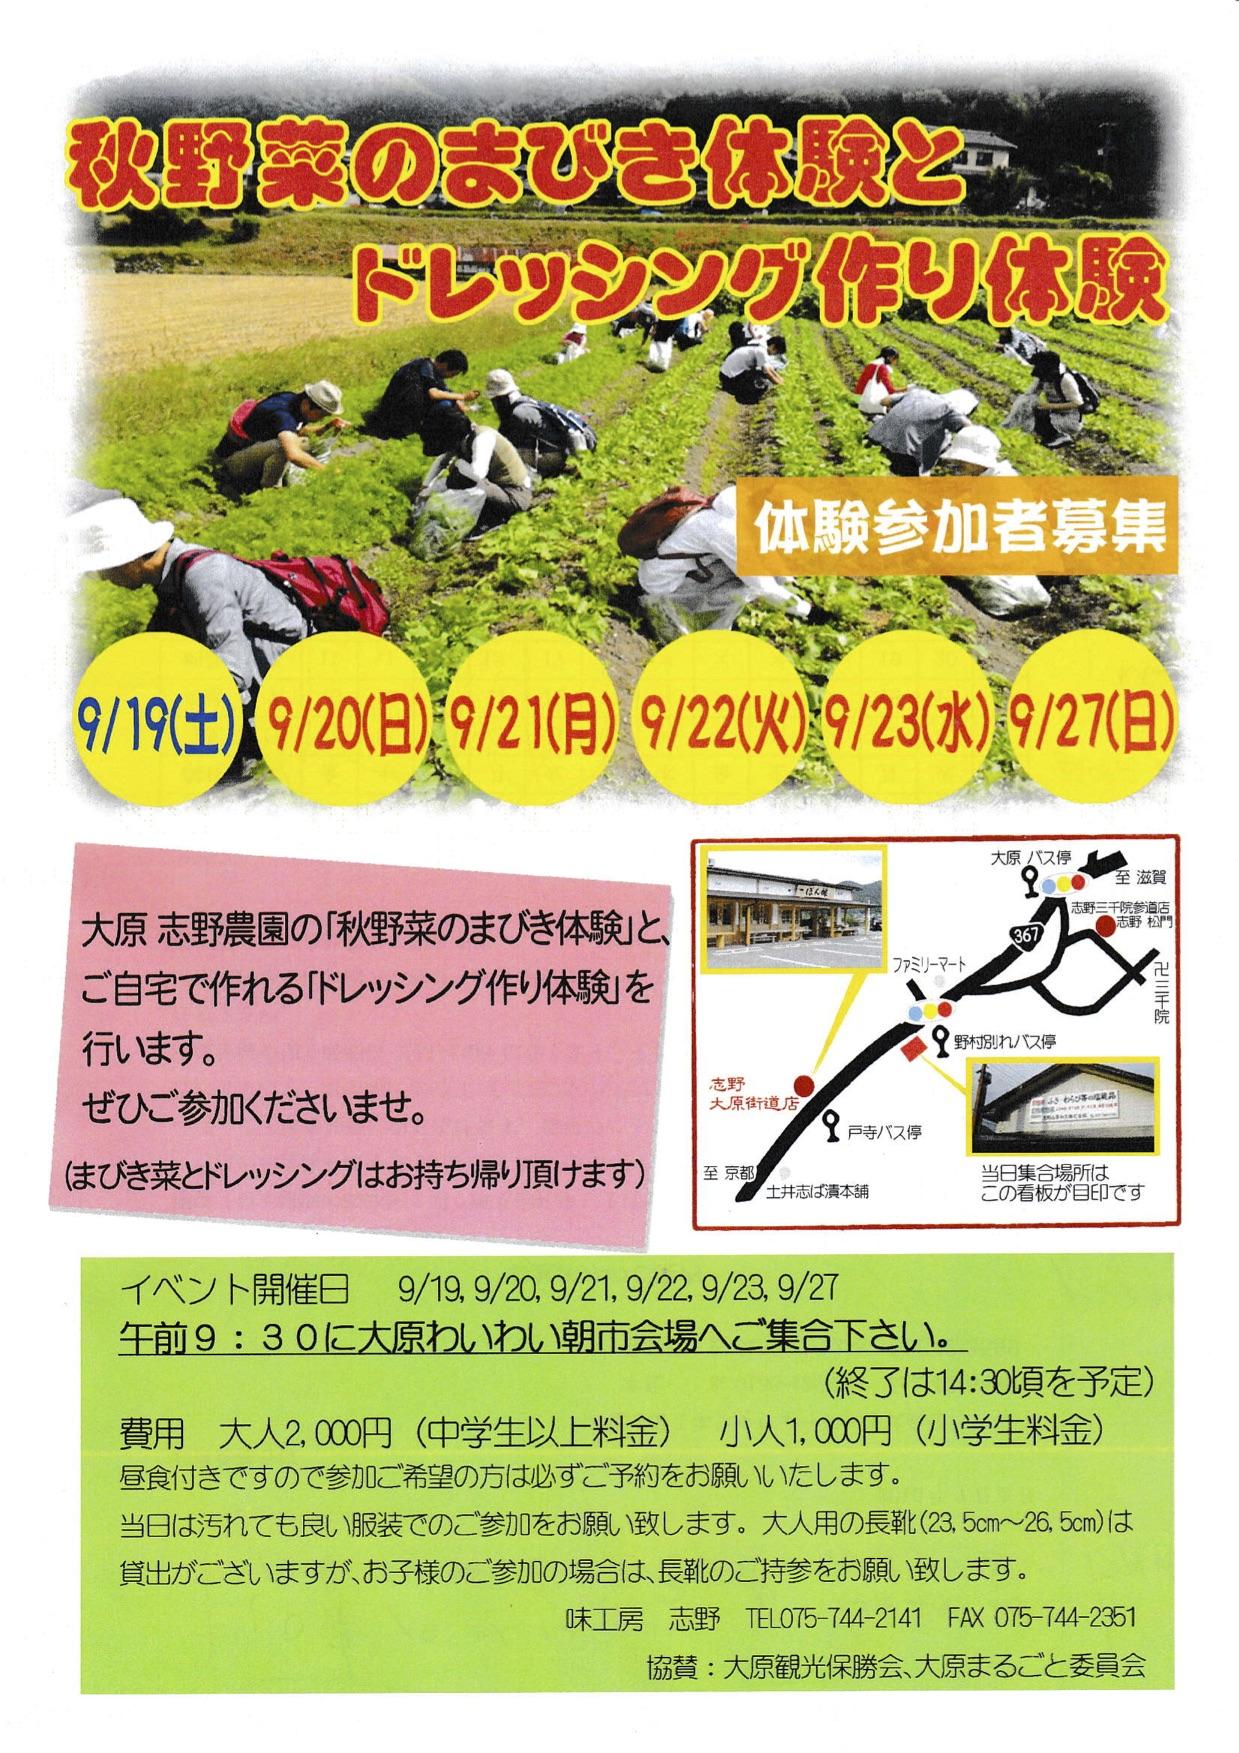 9/19〜23・27 間引き菜の収穫とドレッシング作り